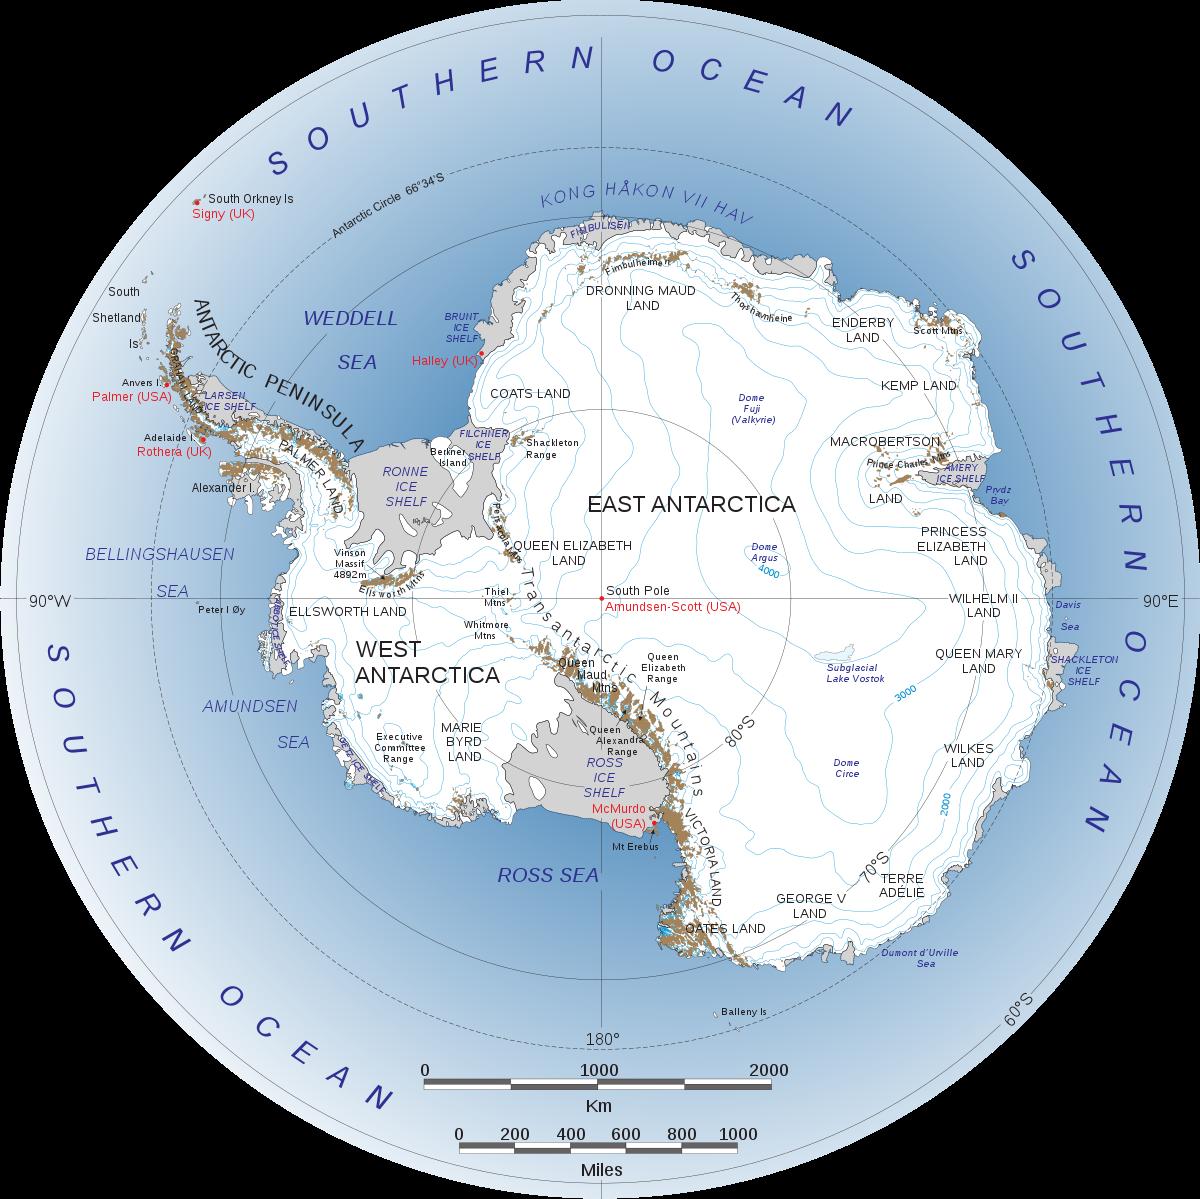 قارة أنتاركتيكا اليوم